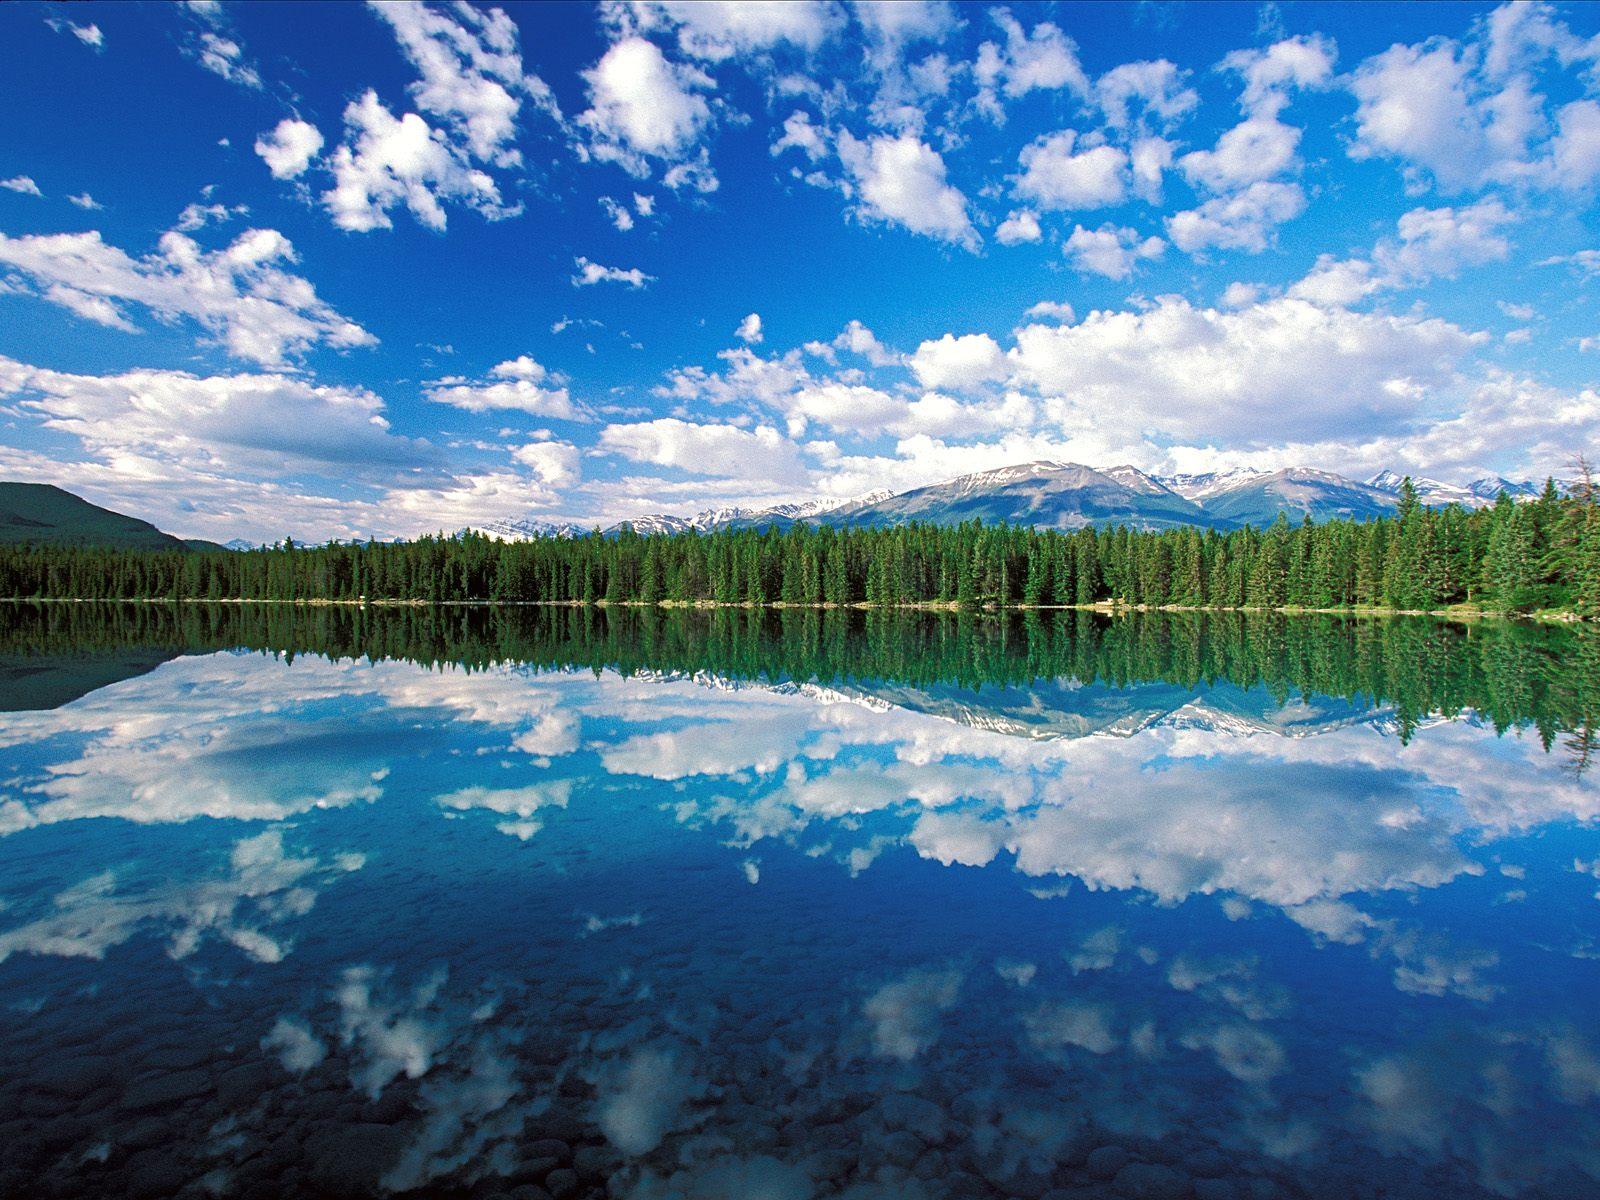 http://3.bp.blogspot.com/-9fmIiqGAVHU/Tfrl9lmgZLI/AAAAAAAAFNU/u4gIeB-_8Es/s1600/edith_lake_jasper_national_park_canada-normal.jpg